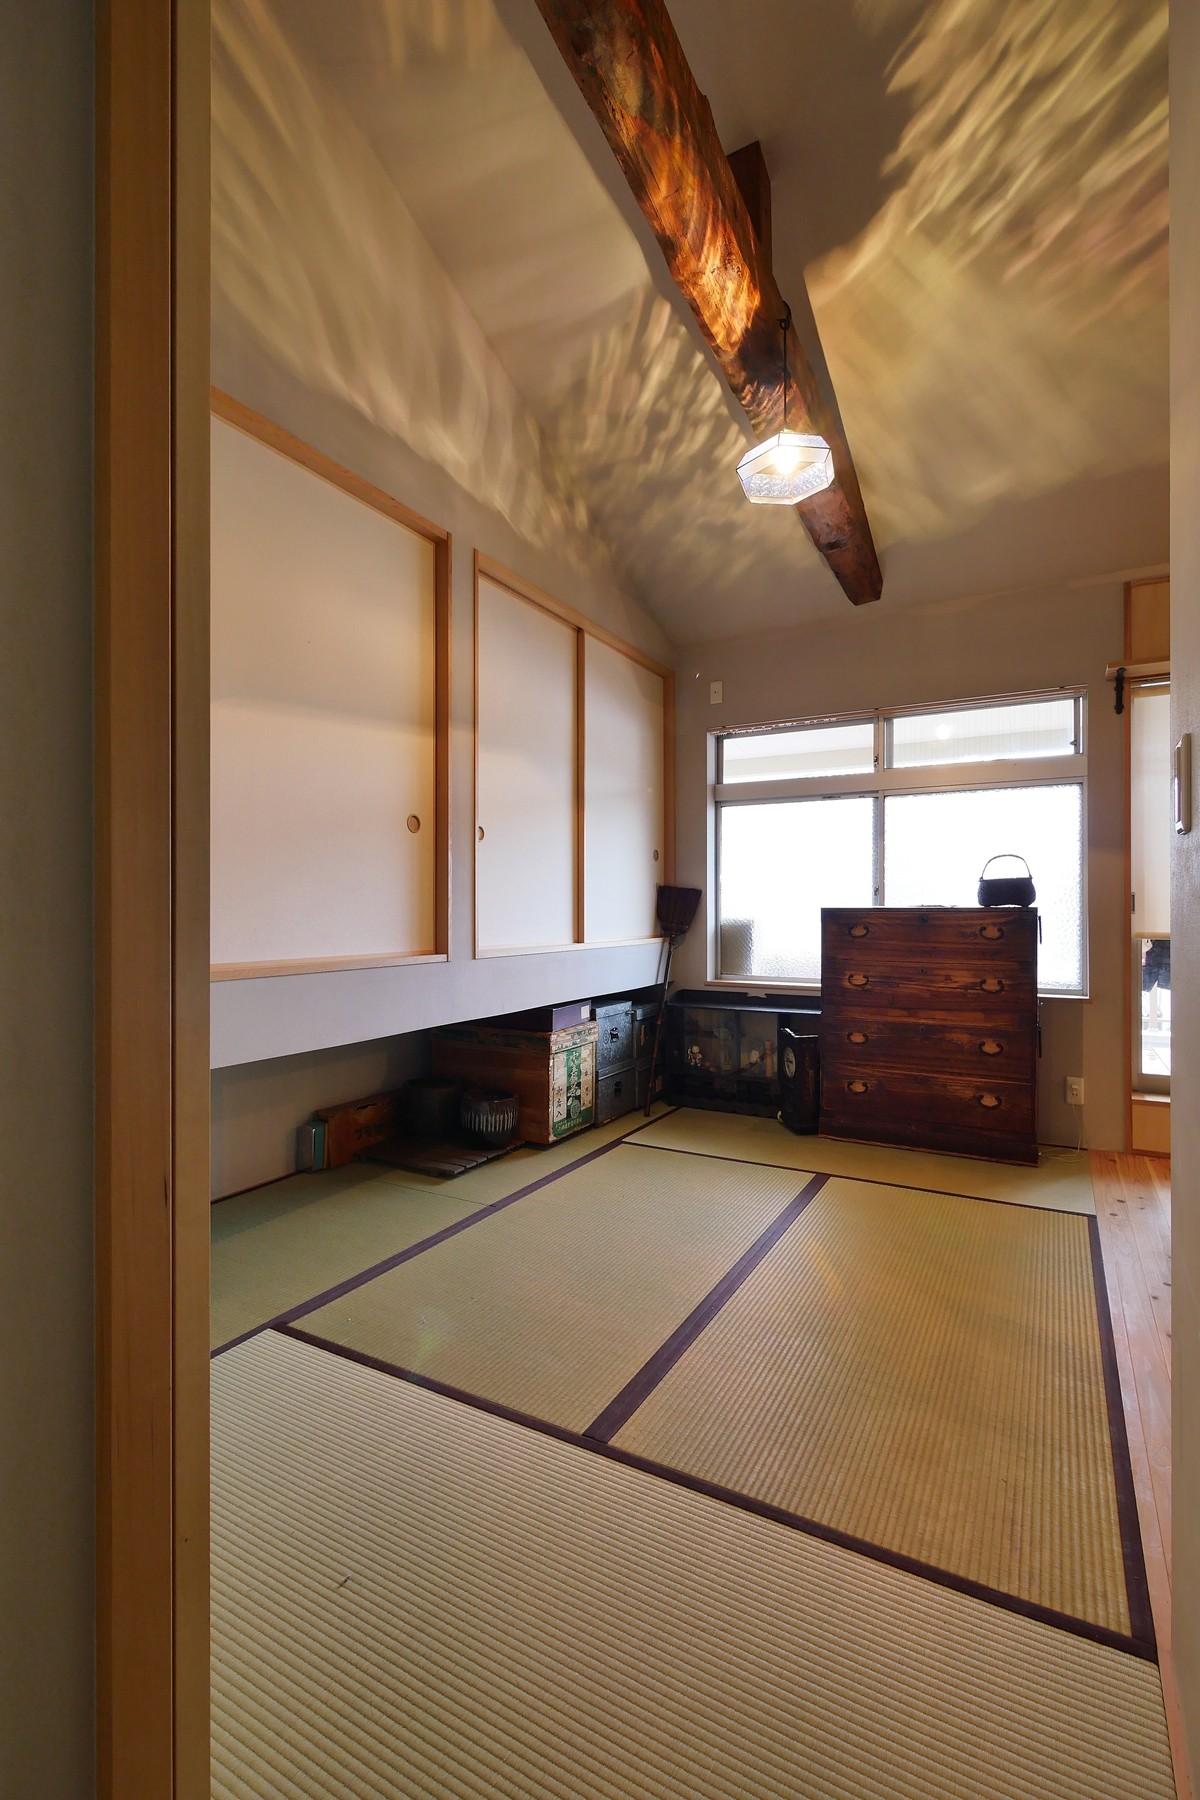 ベッドルーム事例:梁をみせた開放感のある寝室(昭和ガラスの家)